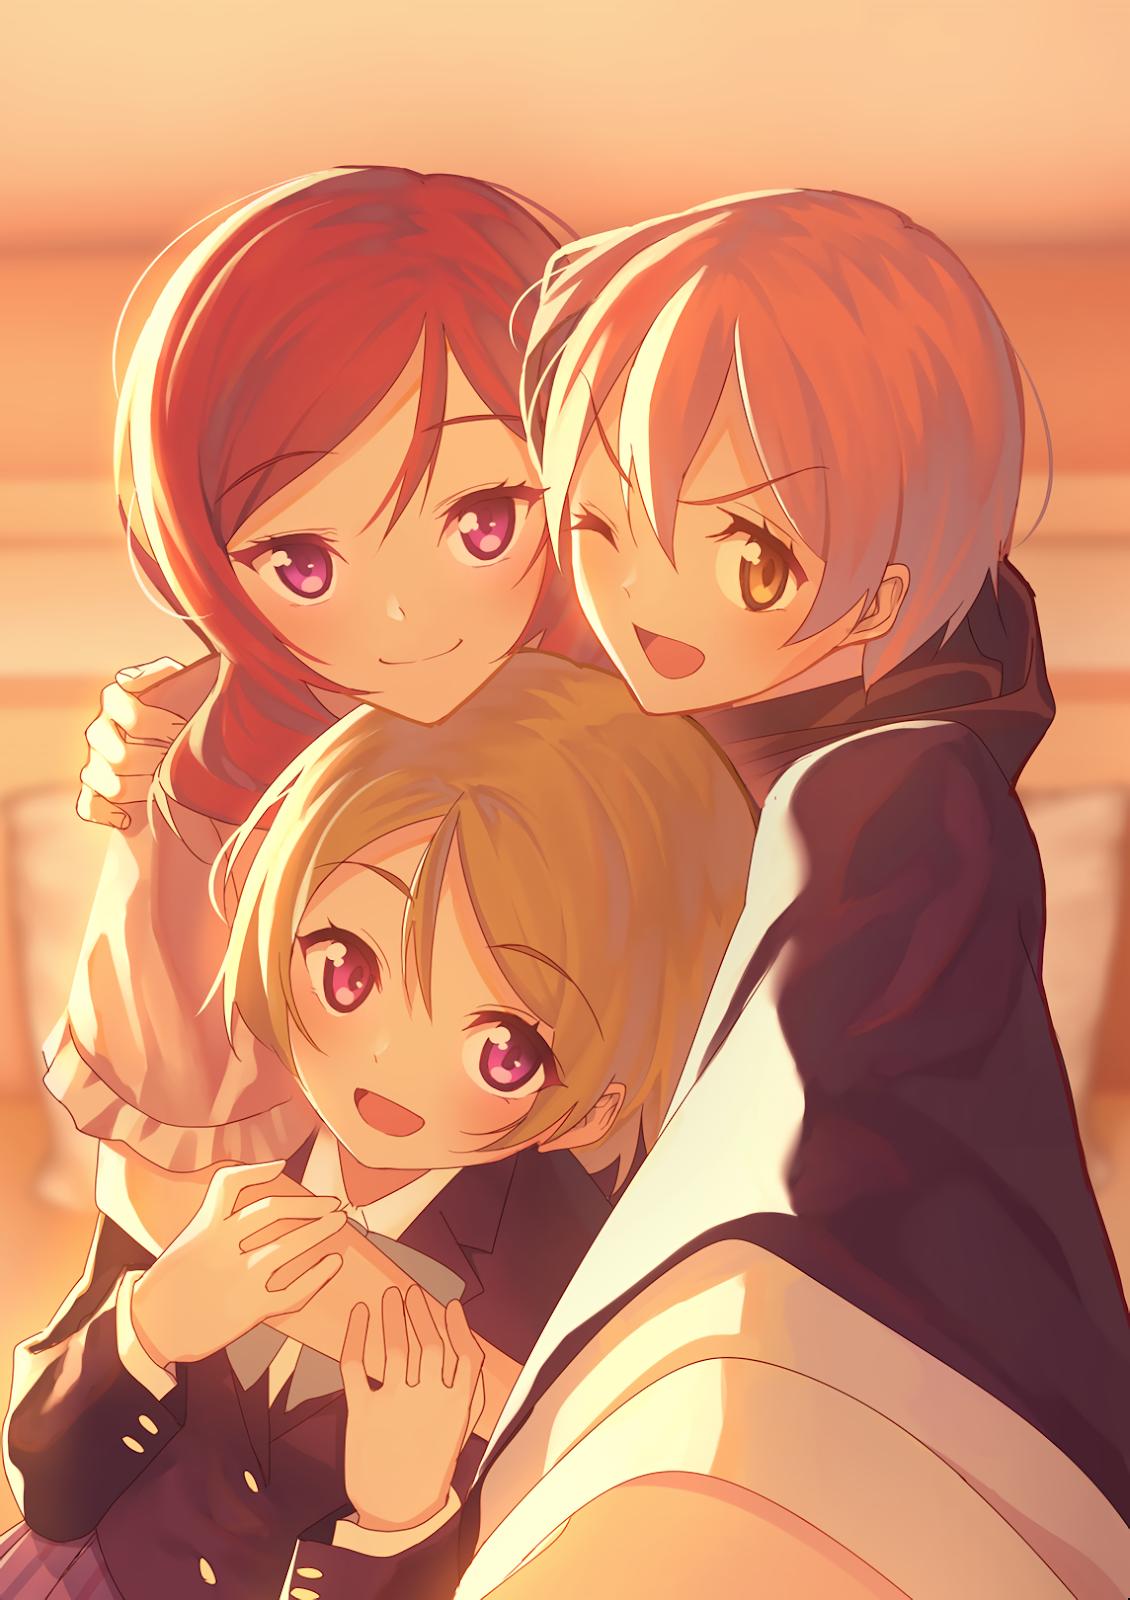 انمي صديقات العمر كيوت Anime Best Friends Three Best Friends Anime